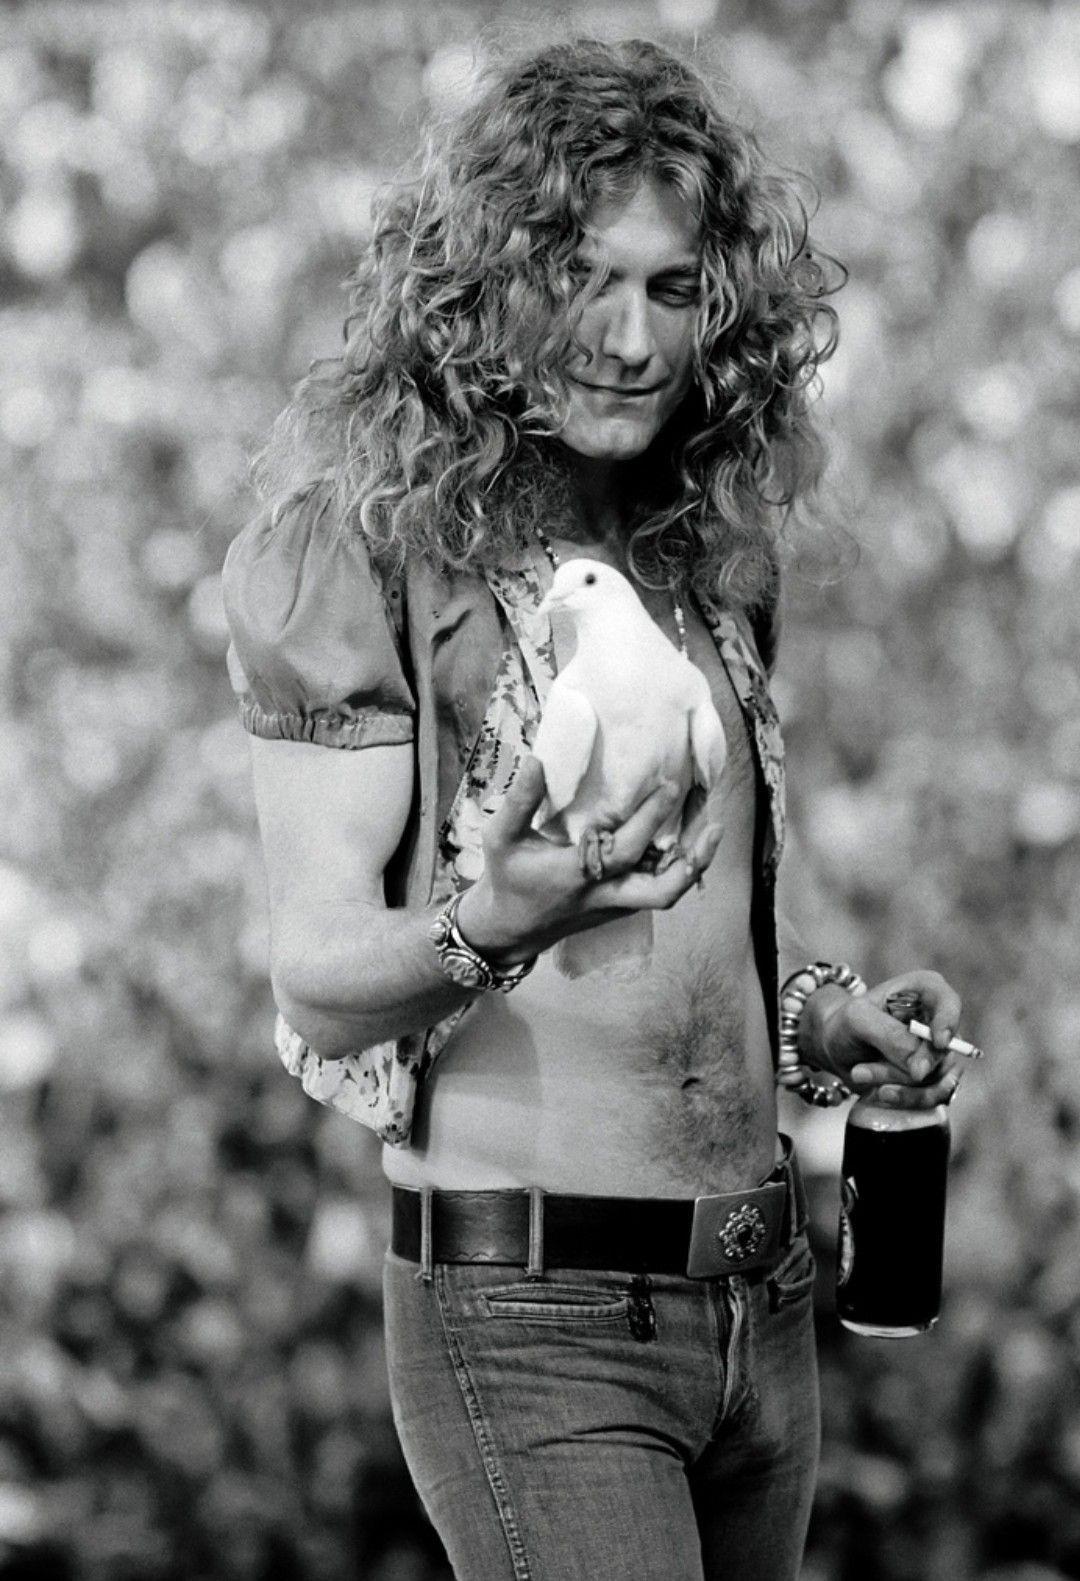 Роберт Плант, Сан-Франциско, 1973 (photo © Neil Preston)